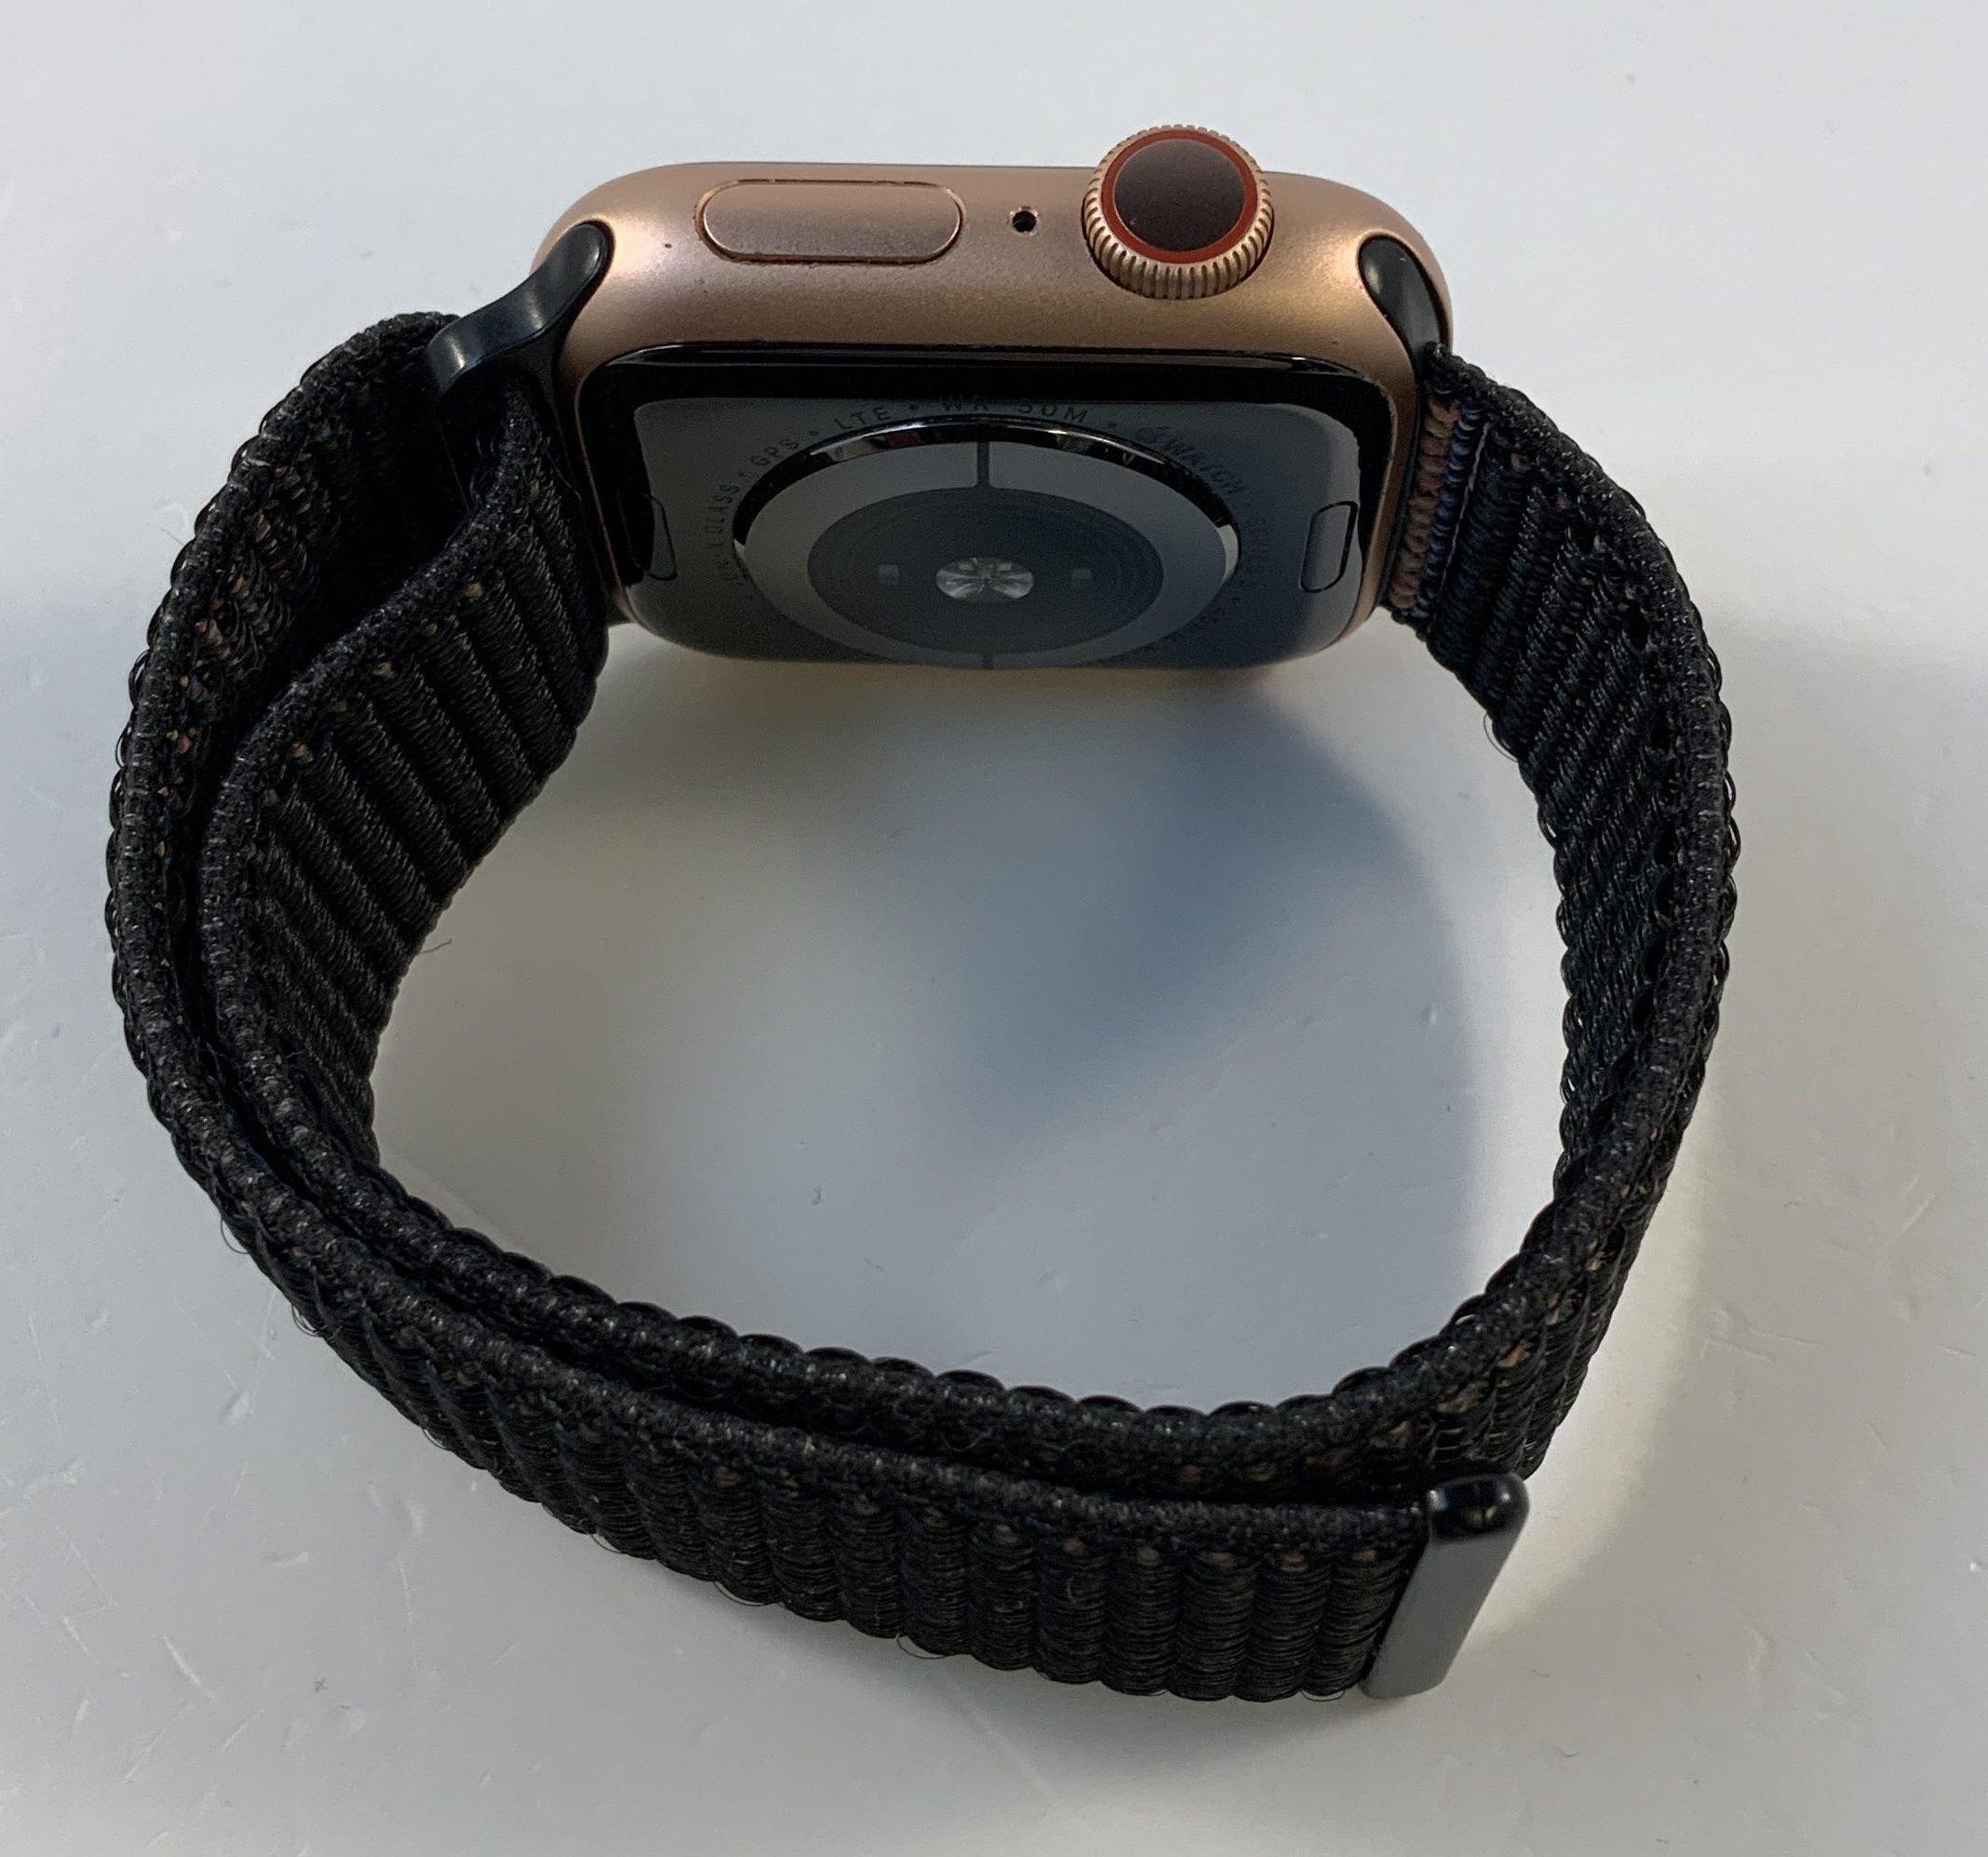 Watch Series 5 Aluminum Cellular (40mm), Gold, bild 3